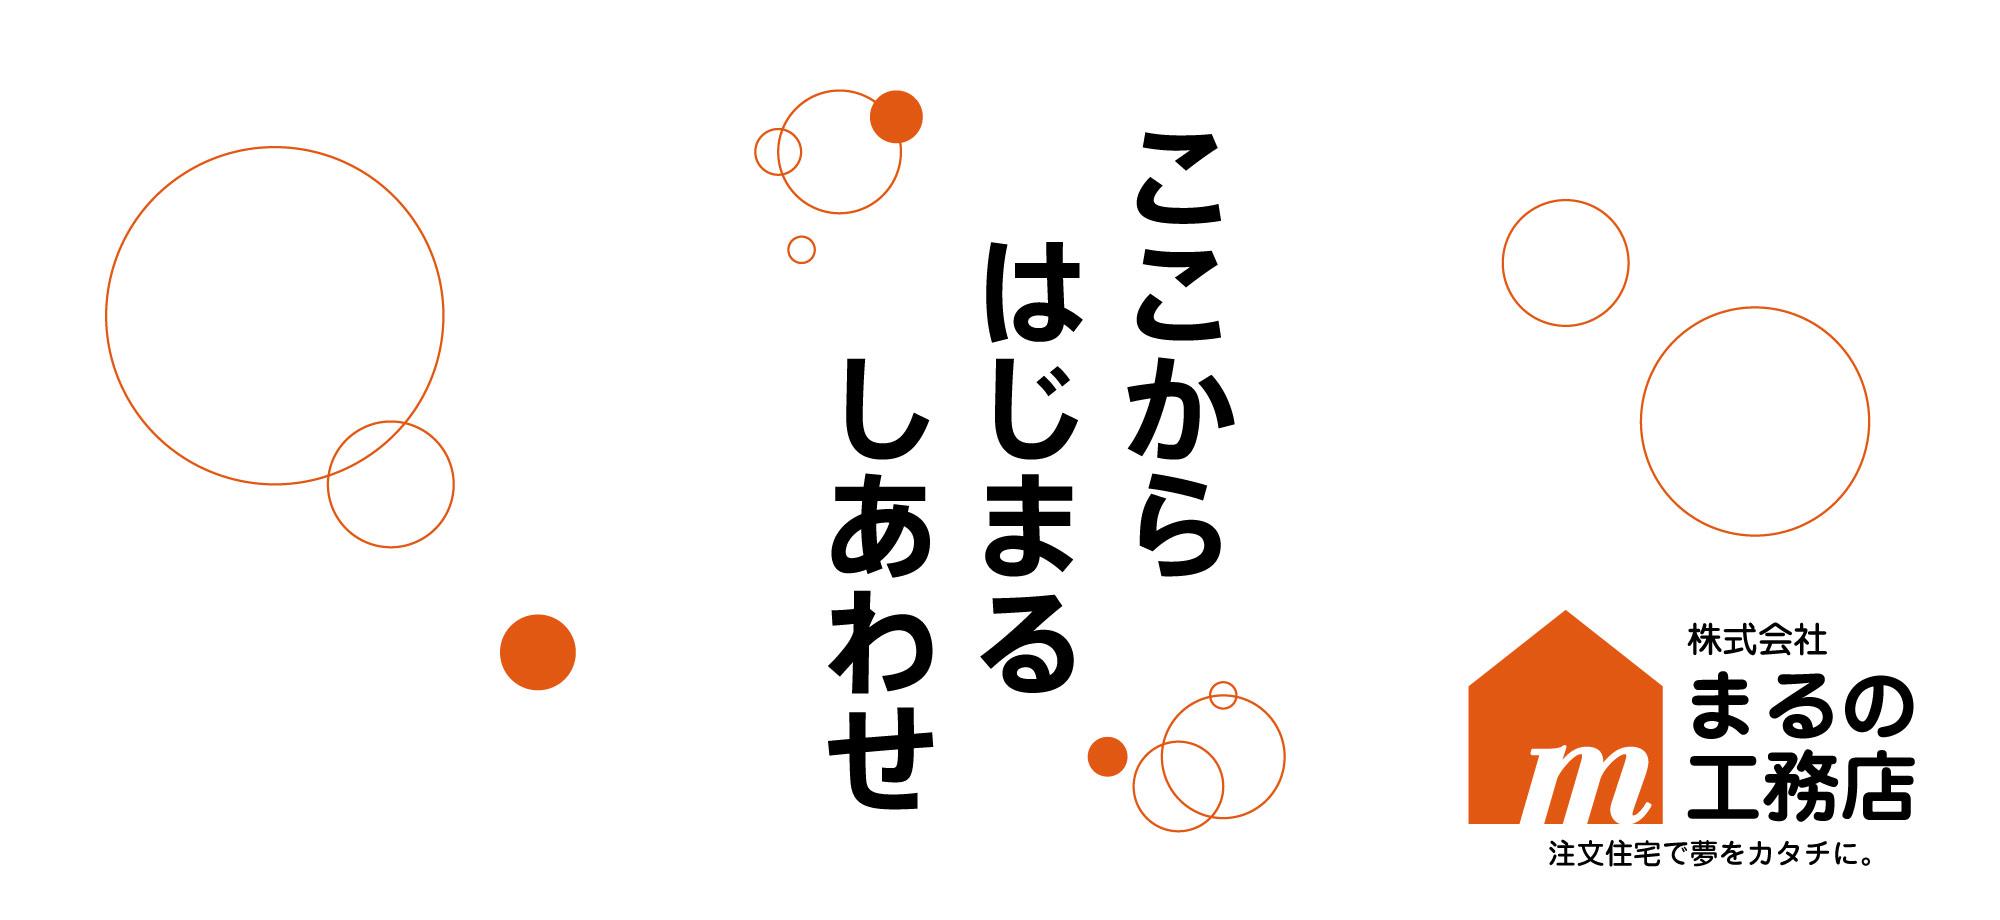 visual-01